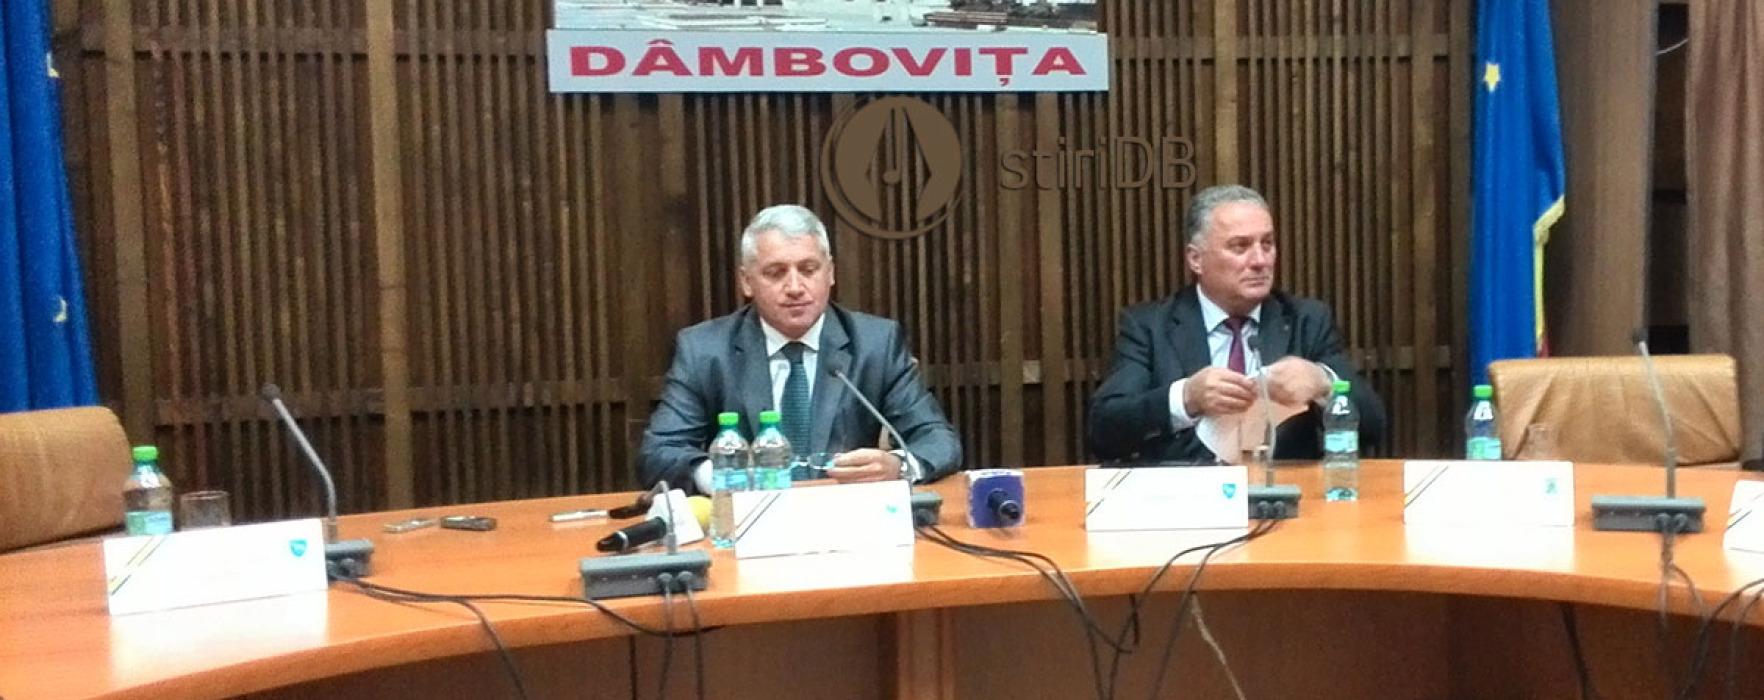 Adrian Ţuţuianu (preşedinte CJ Dâmboviţa): Ioan Marinescu – un prefect foarte bun